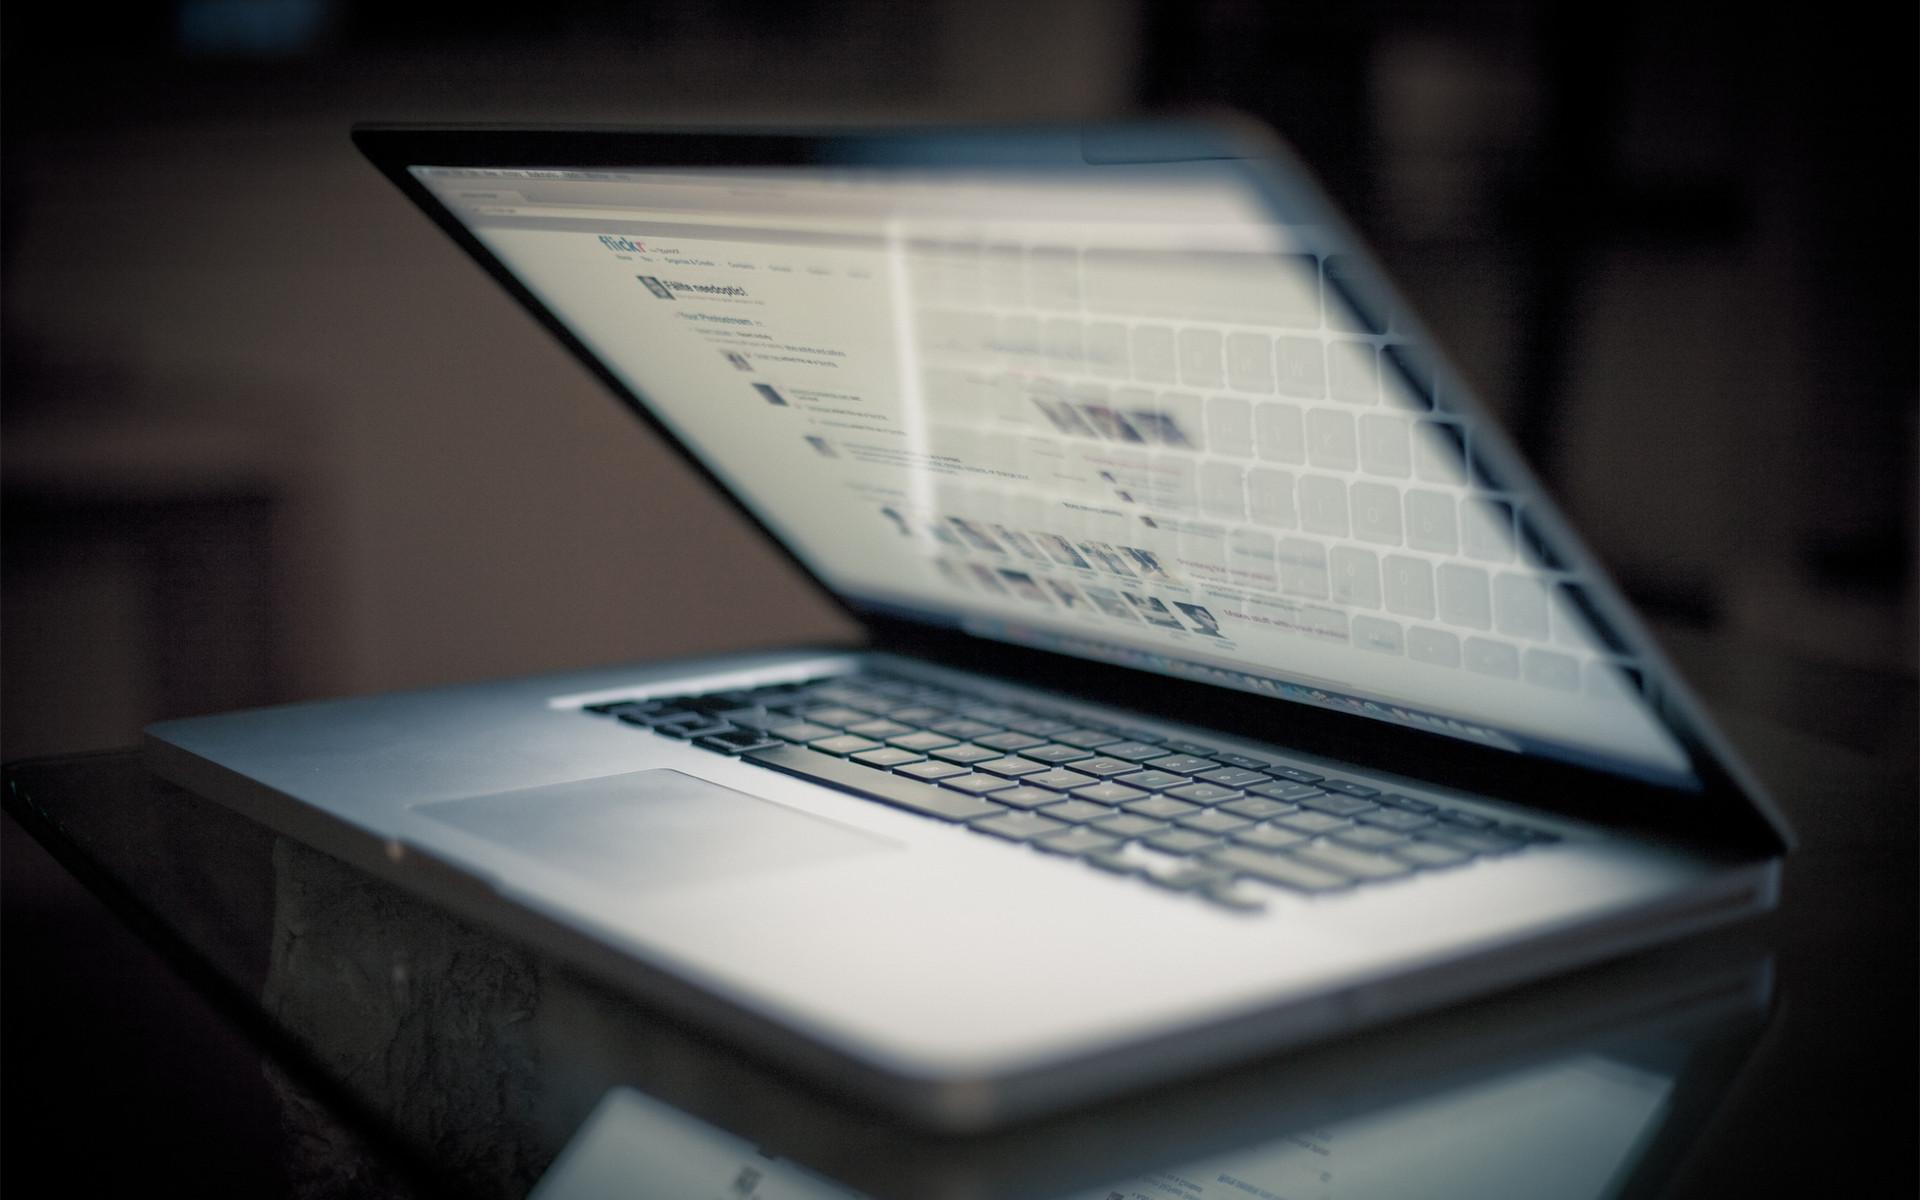 Apple Macbook Pro desktop PC and Mac wallpaper